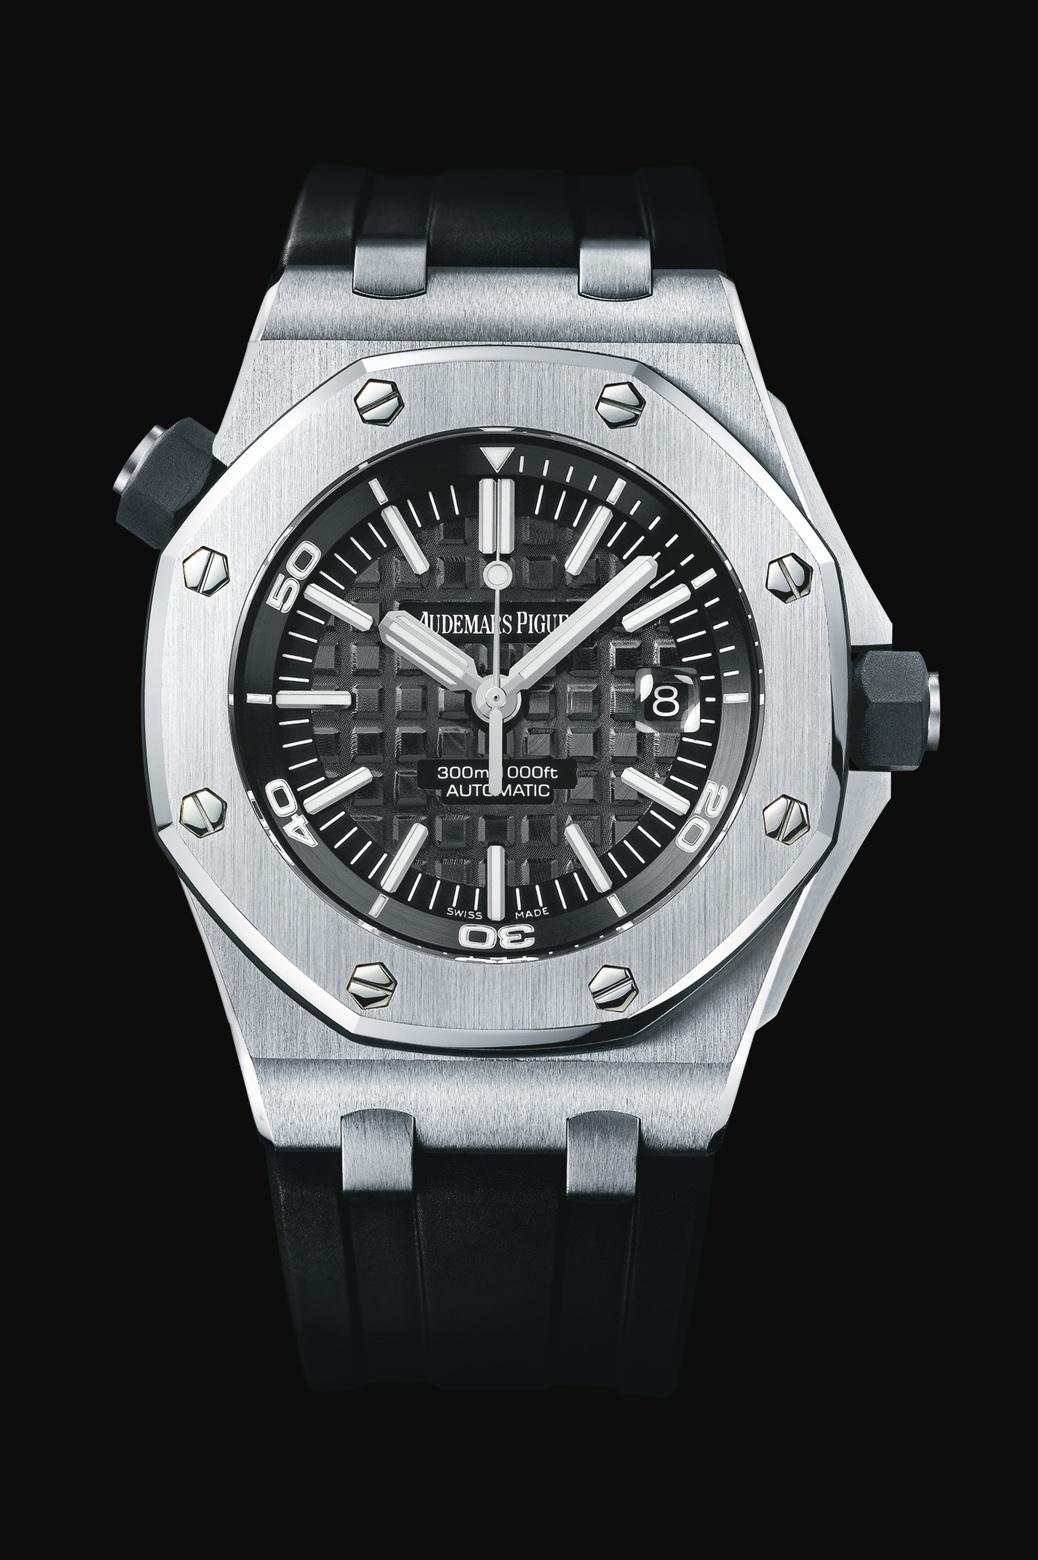 часы Audemars Piguet Diver